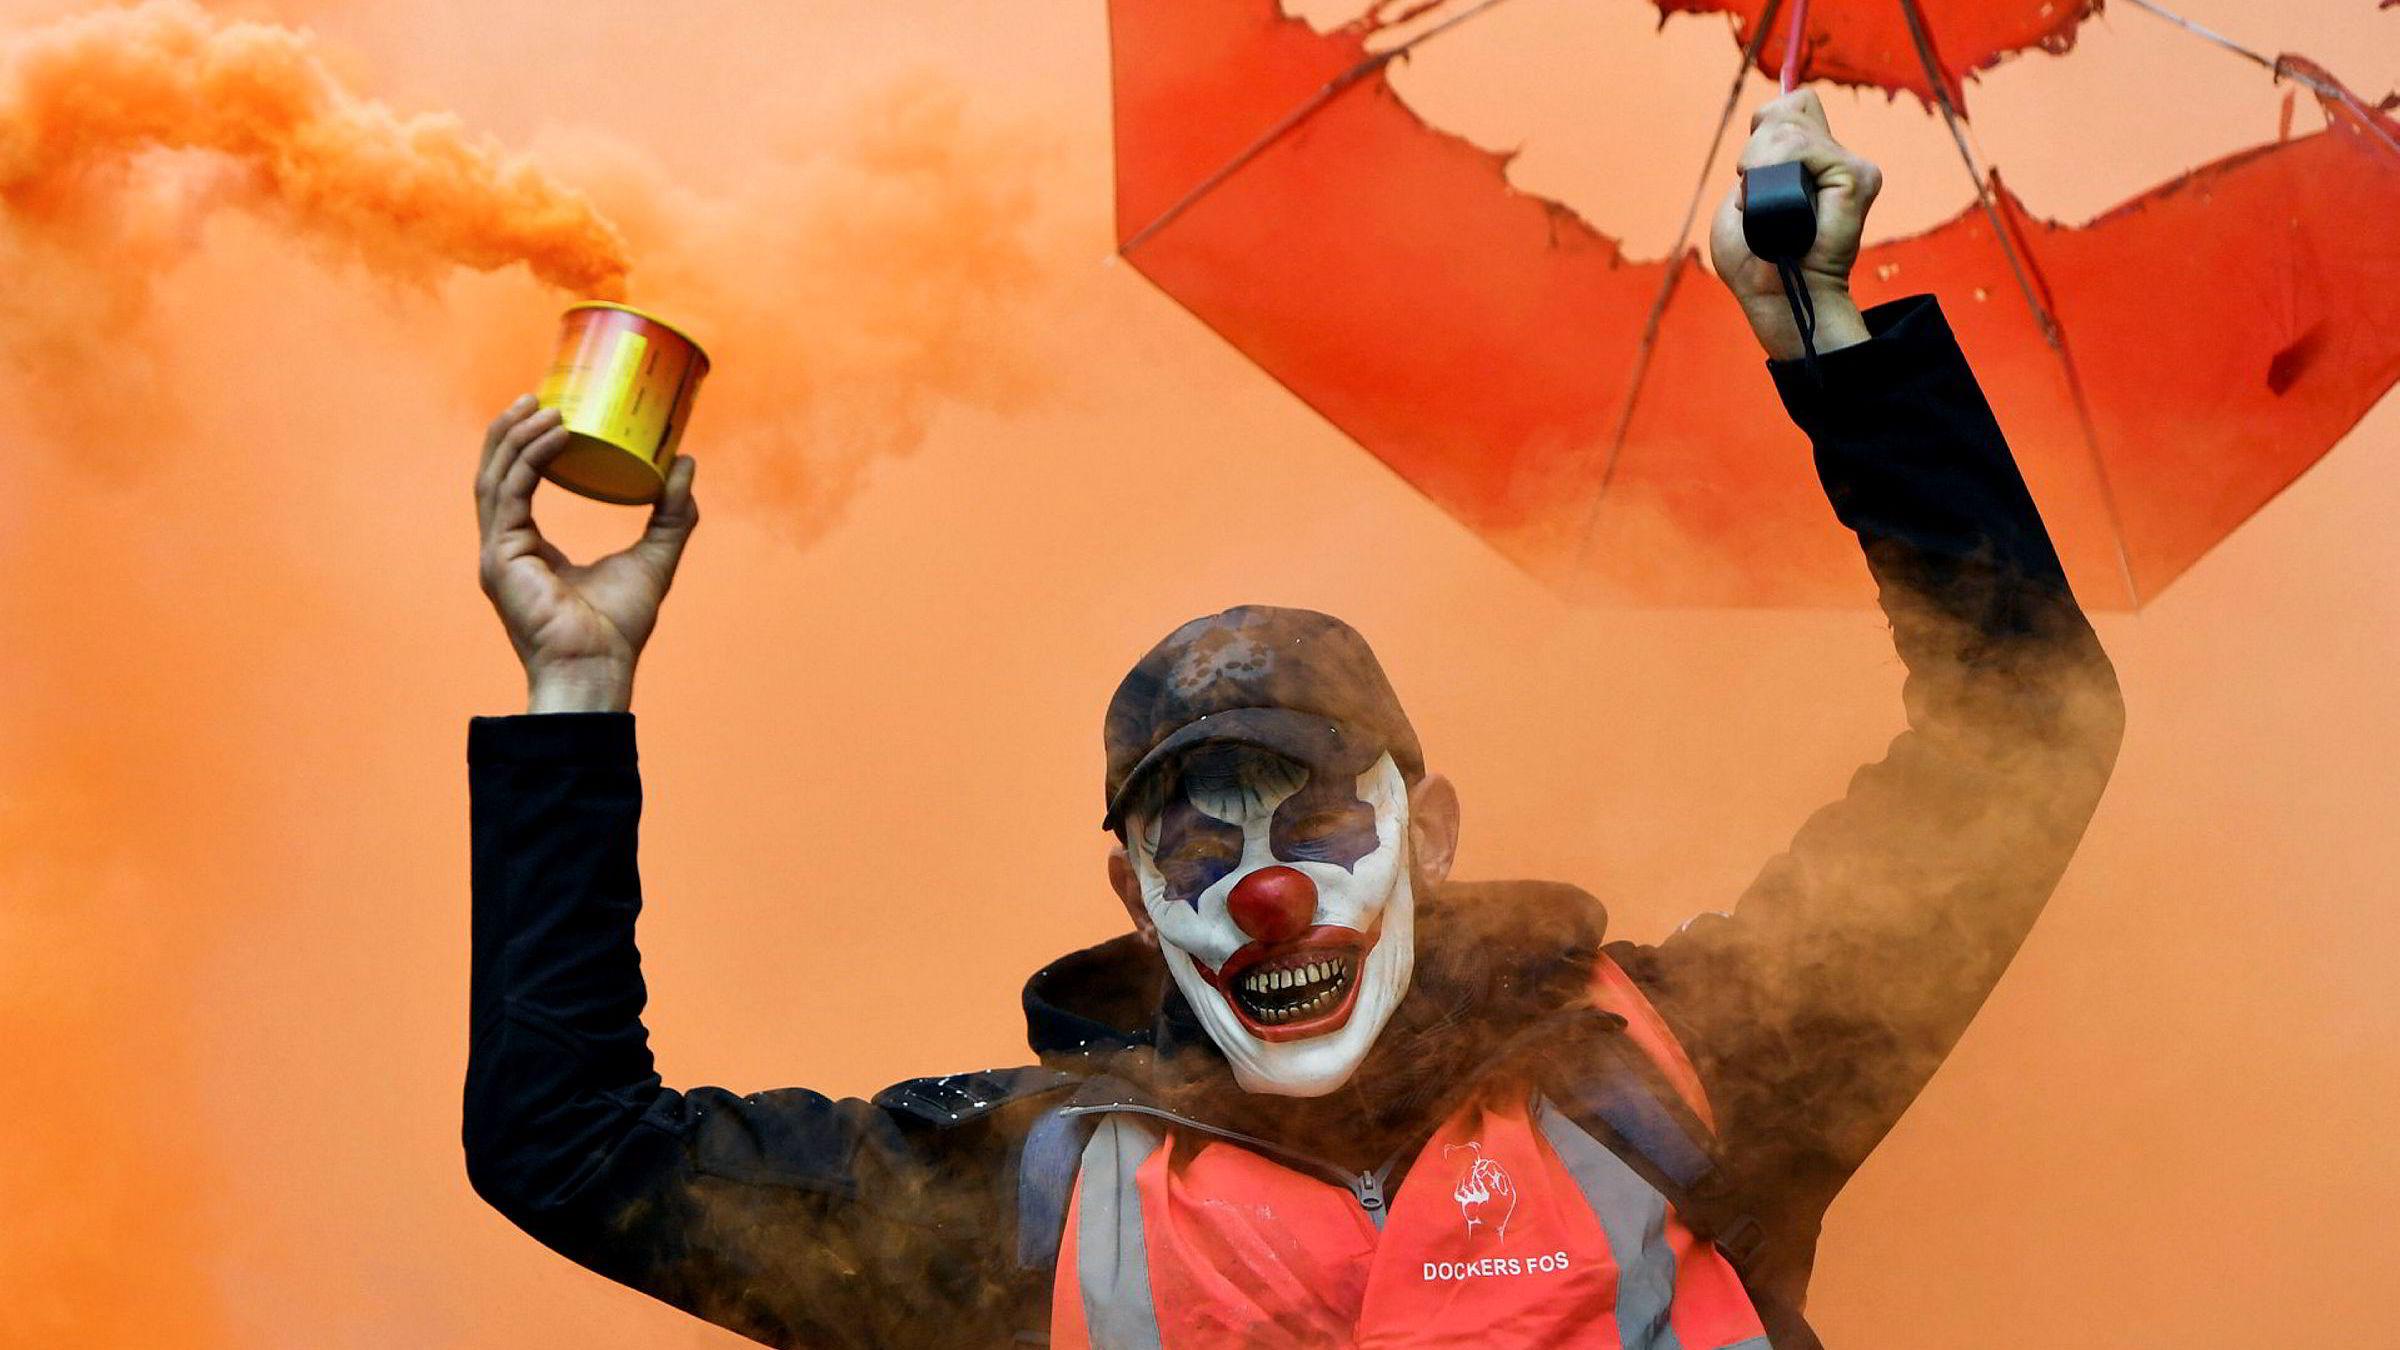 The Joker? President Macrons pensjonsreform møtte motbør fredag fra et bredt utvalg samfunnslag.